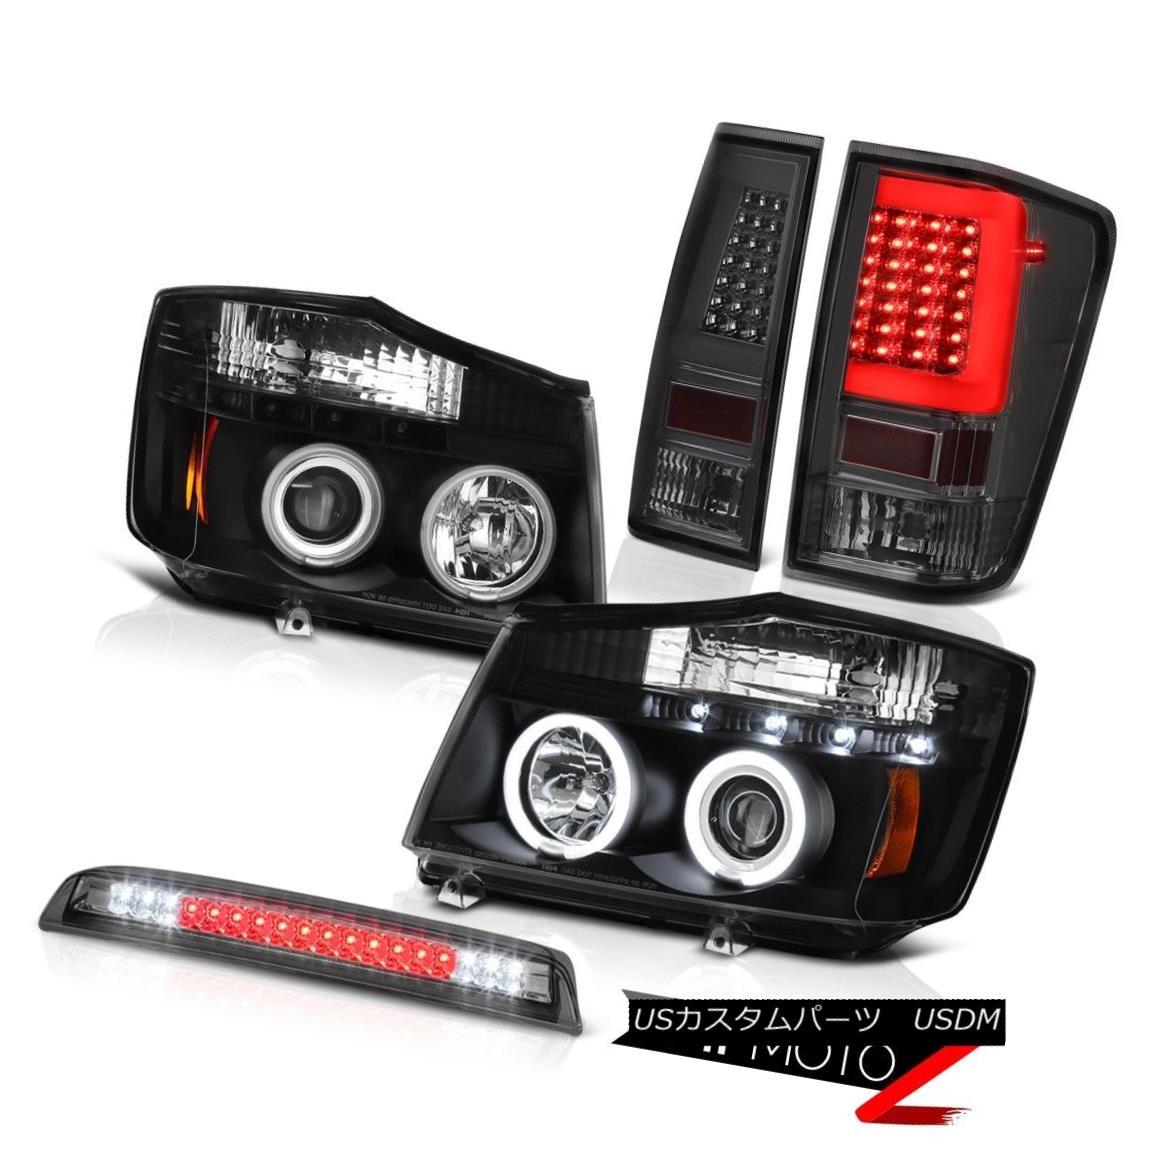 テールライト 04-14 For Nissan Titan 3Rd Brake Rear Nighthawk Black Projector Head Lamps Set 04-14日産タイタン用3Rdブレーキリアナイトホークブラックプロジェクターヘッドランプセット画像